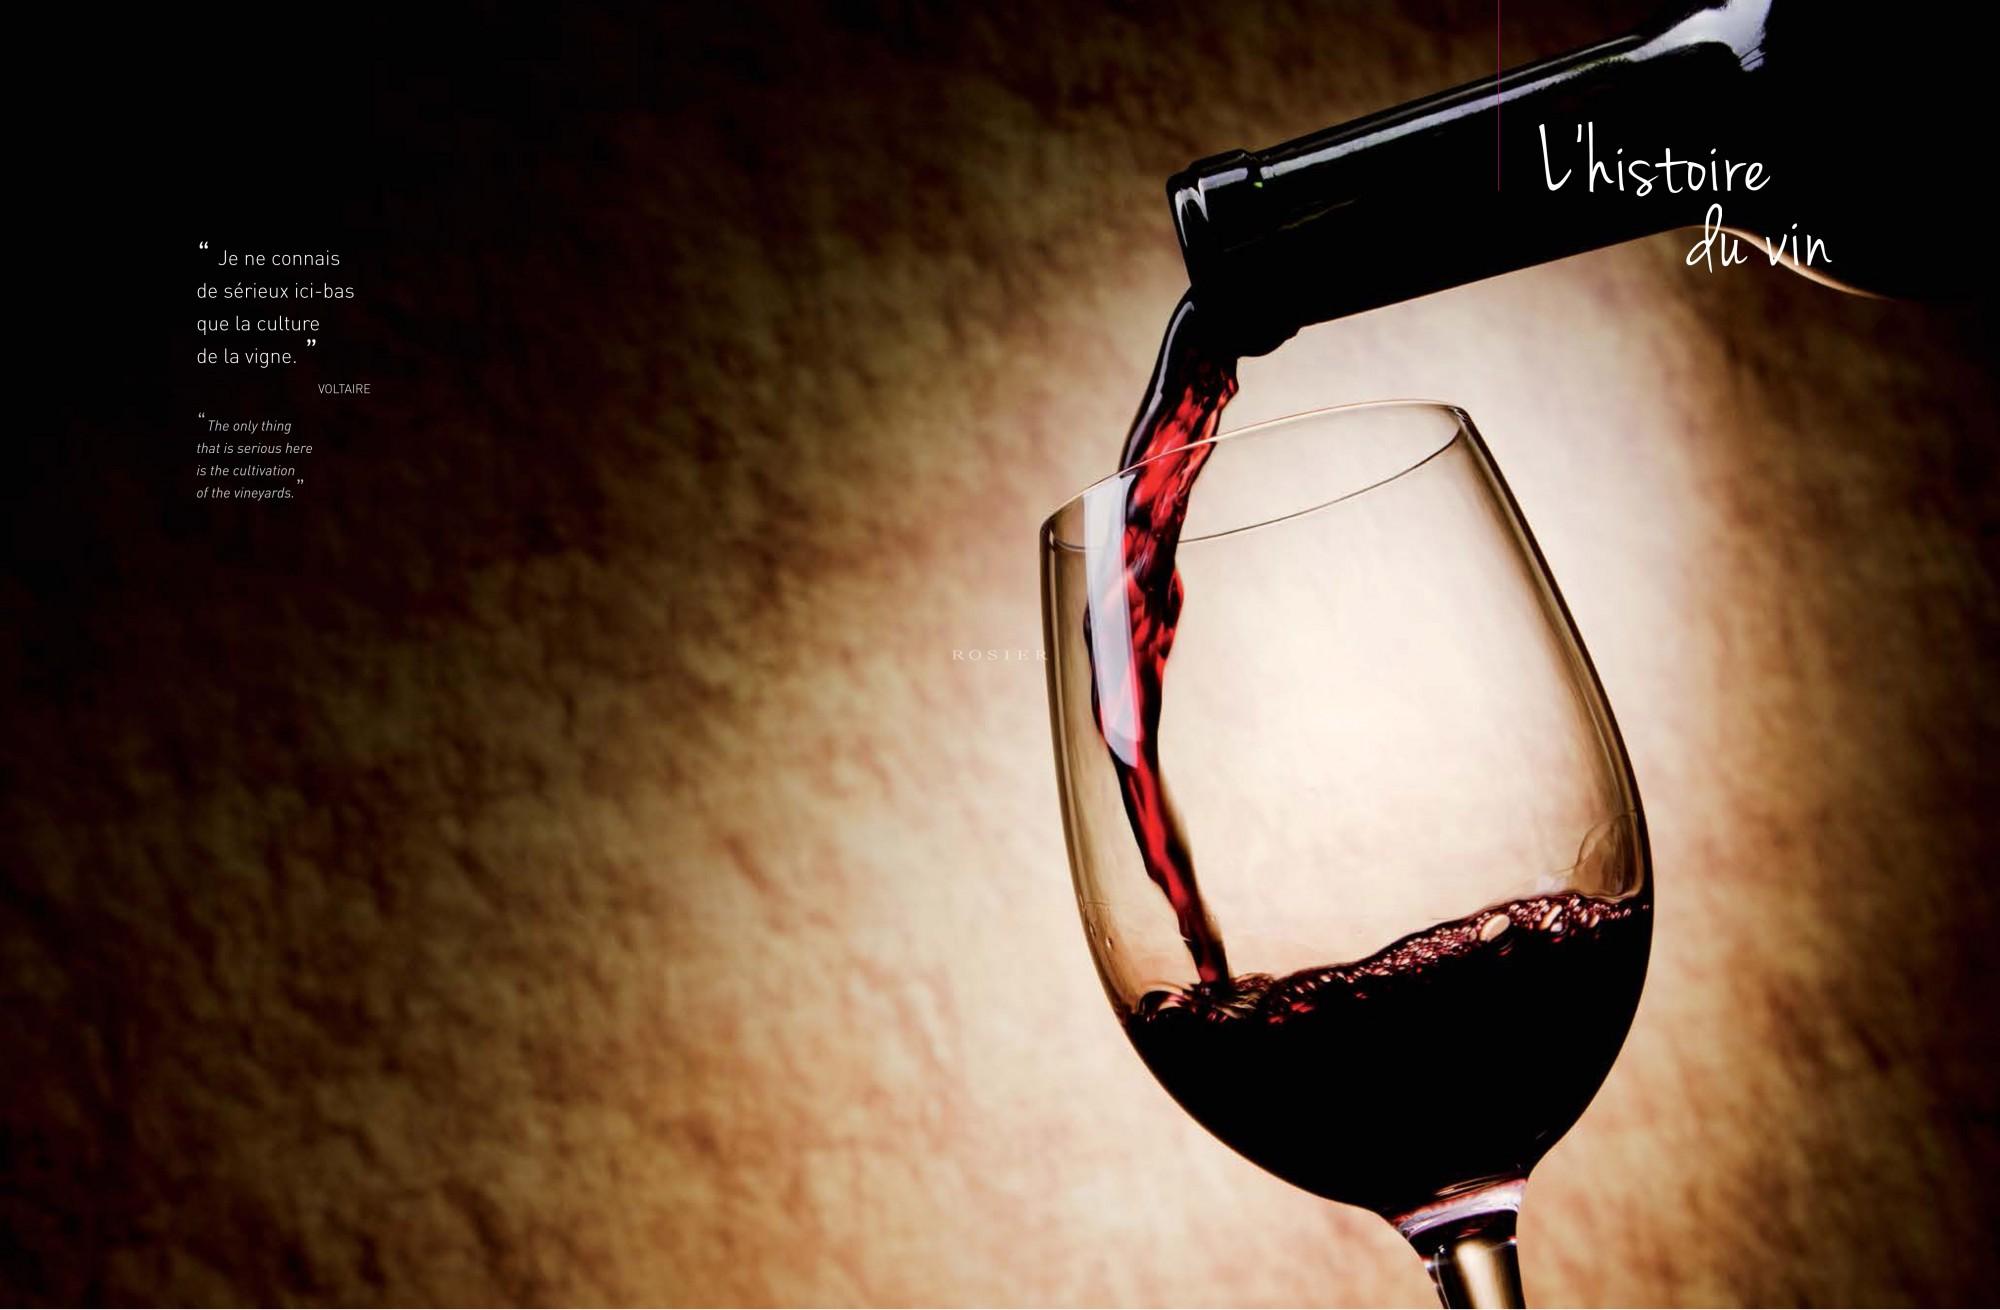 Vignes et vin, Lifestyle by Rosier 2012